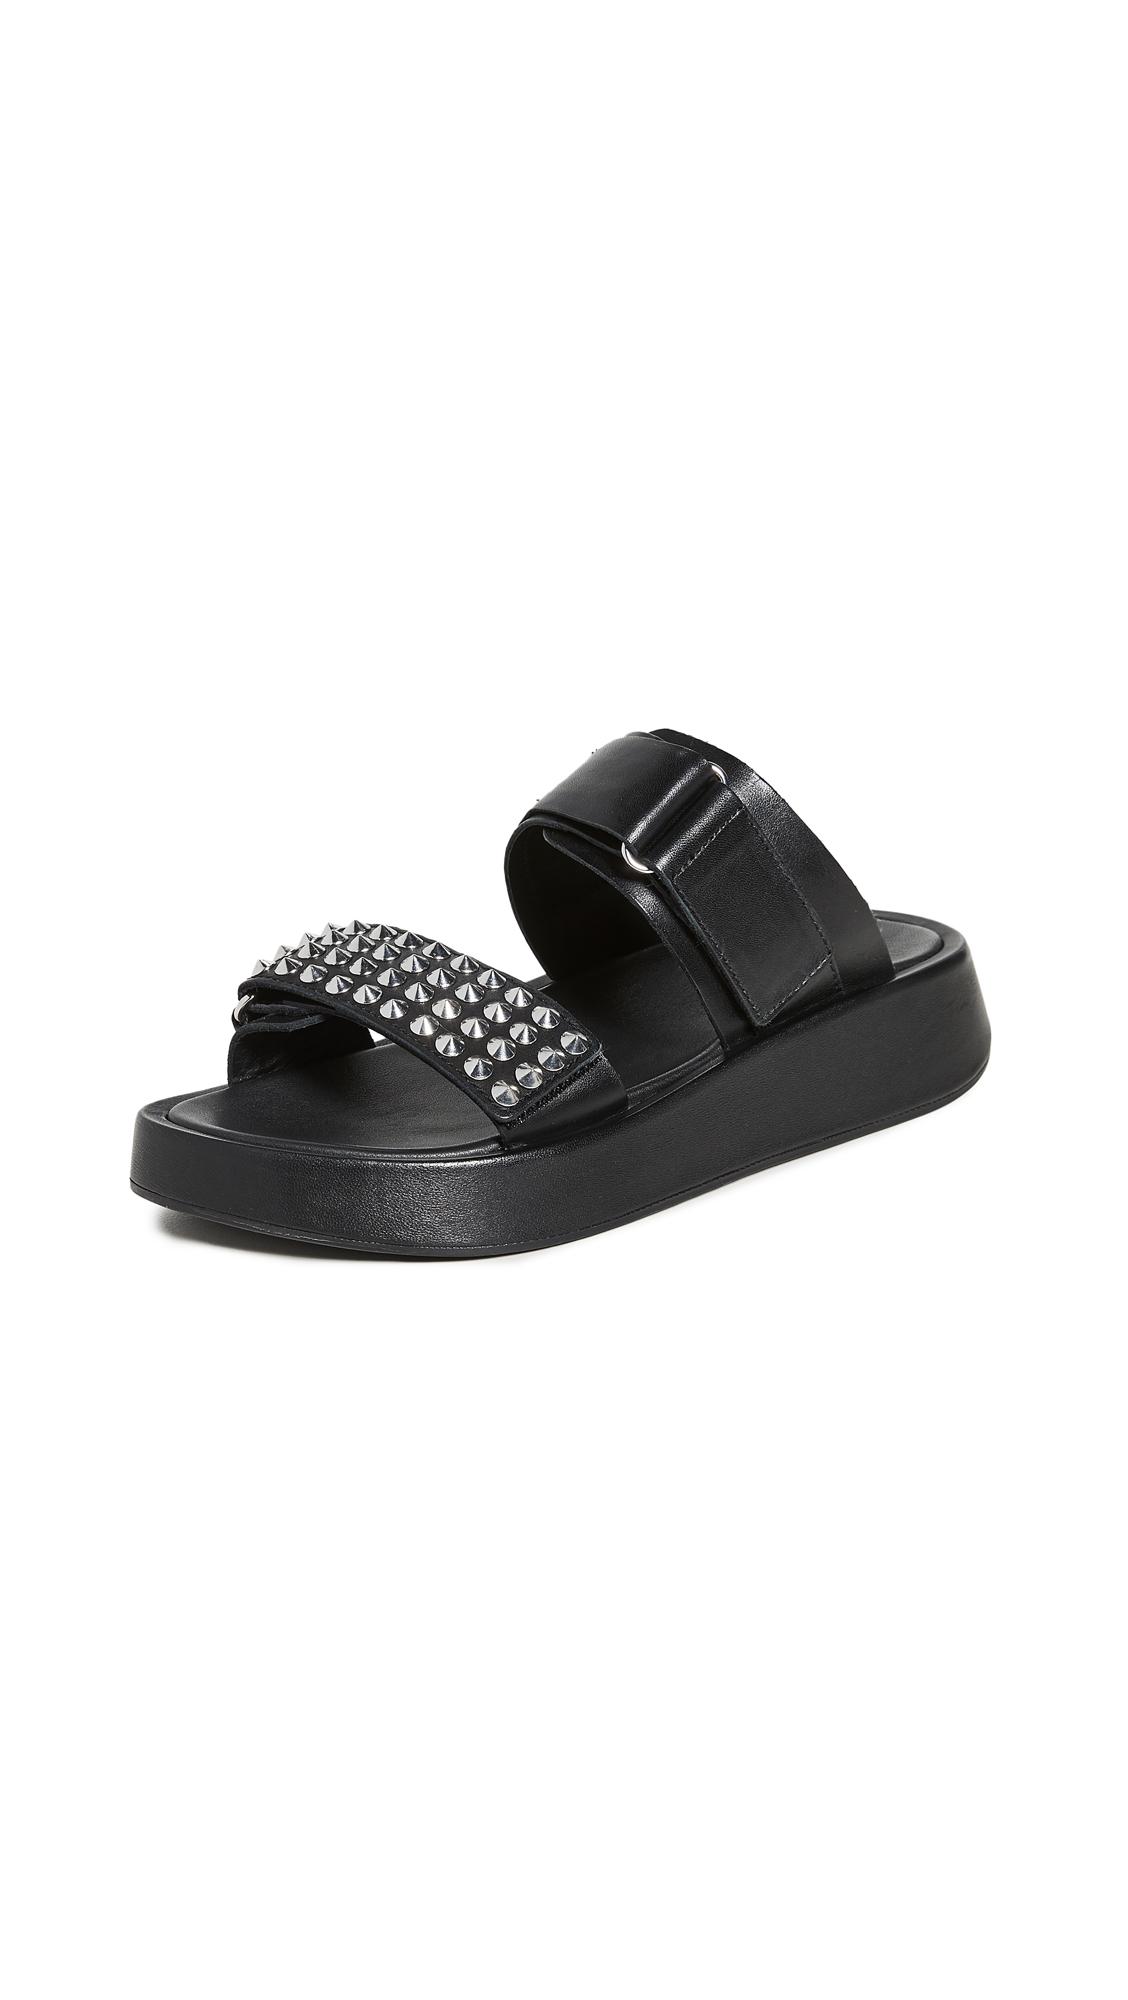 Buy Ash Victory Sandals online, shop Ash